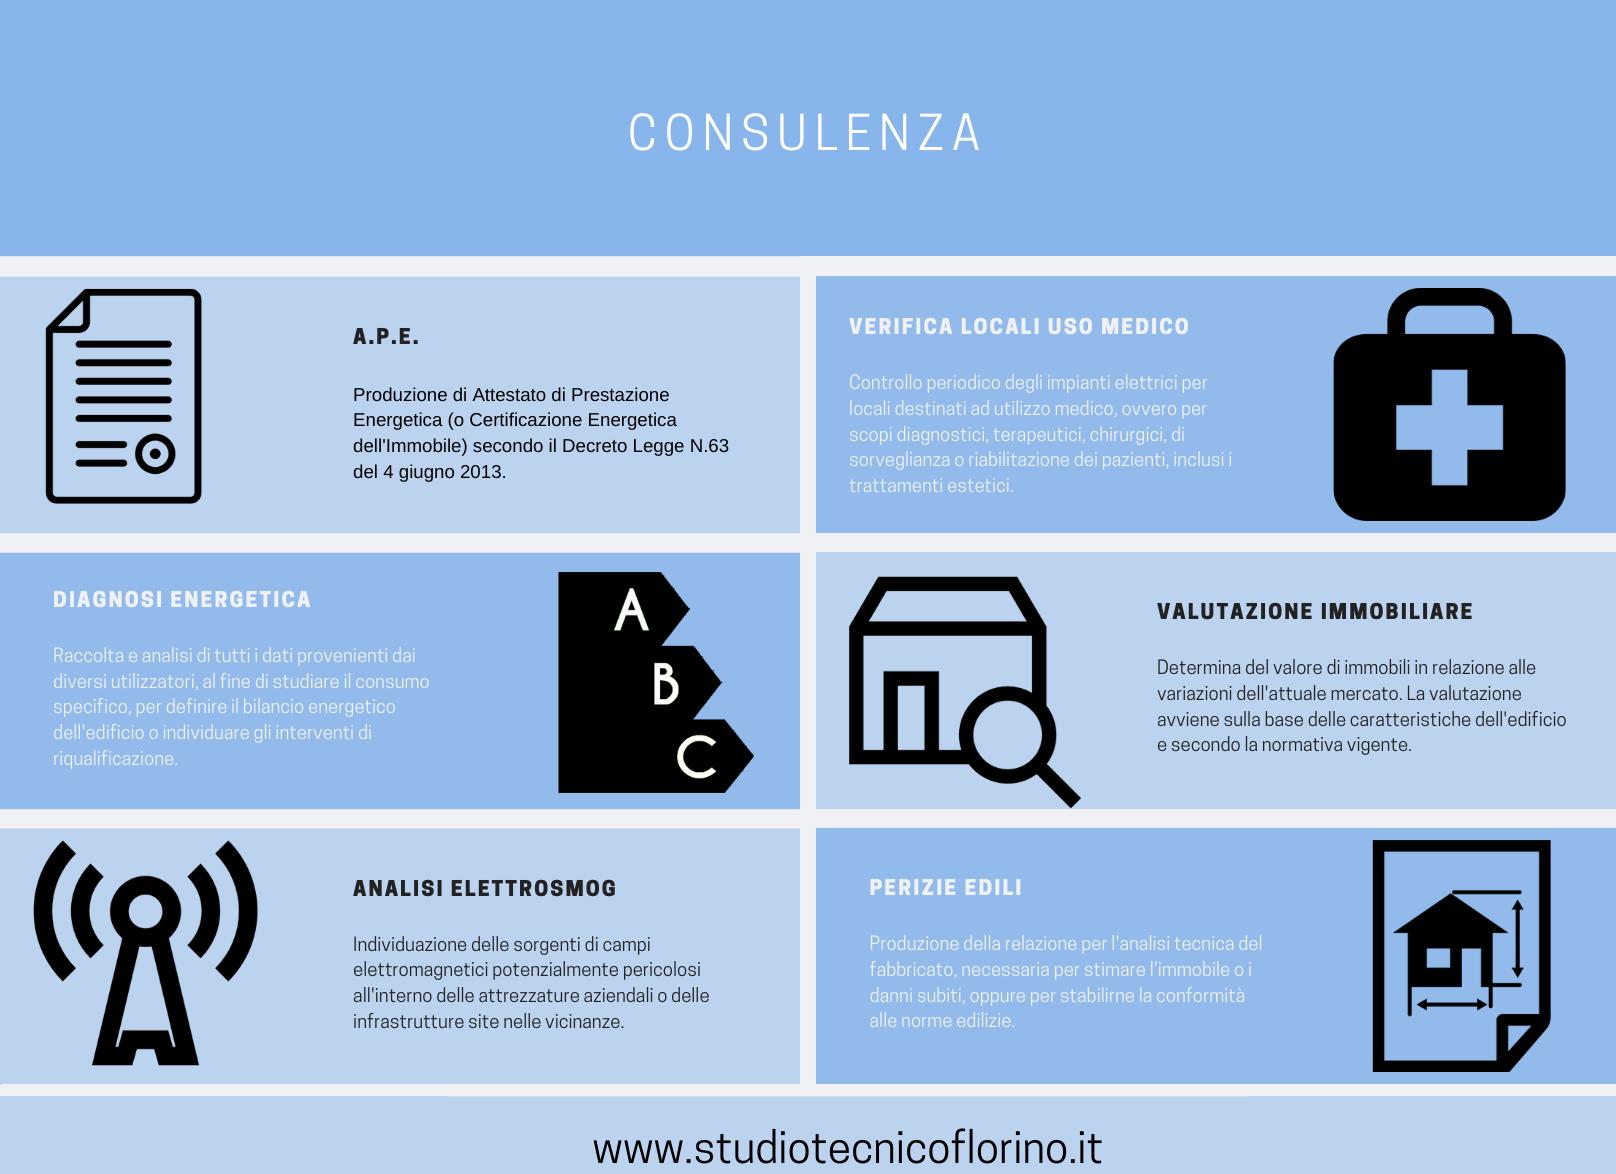 Consulenza Studio Tecnico Florino